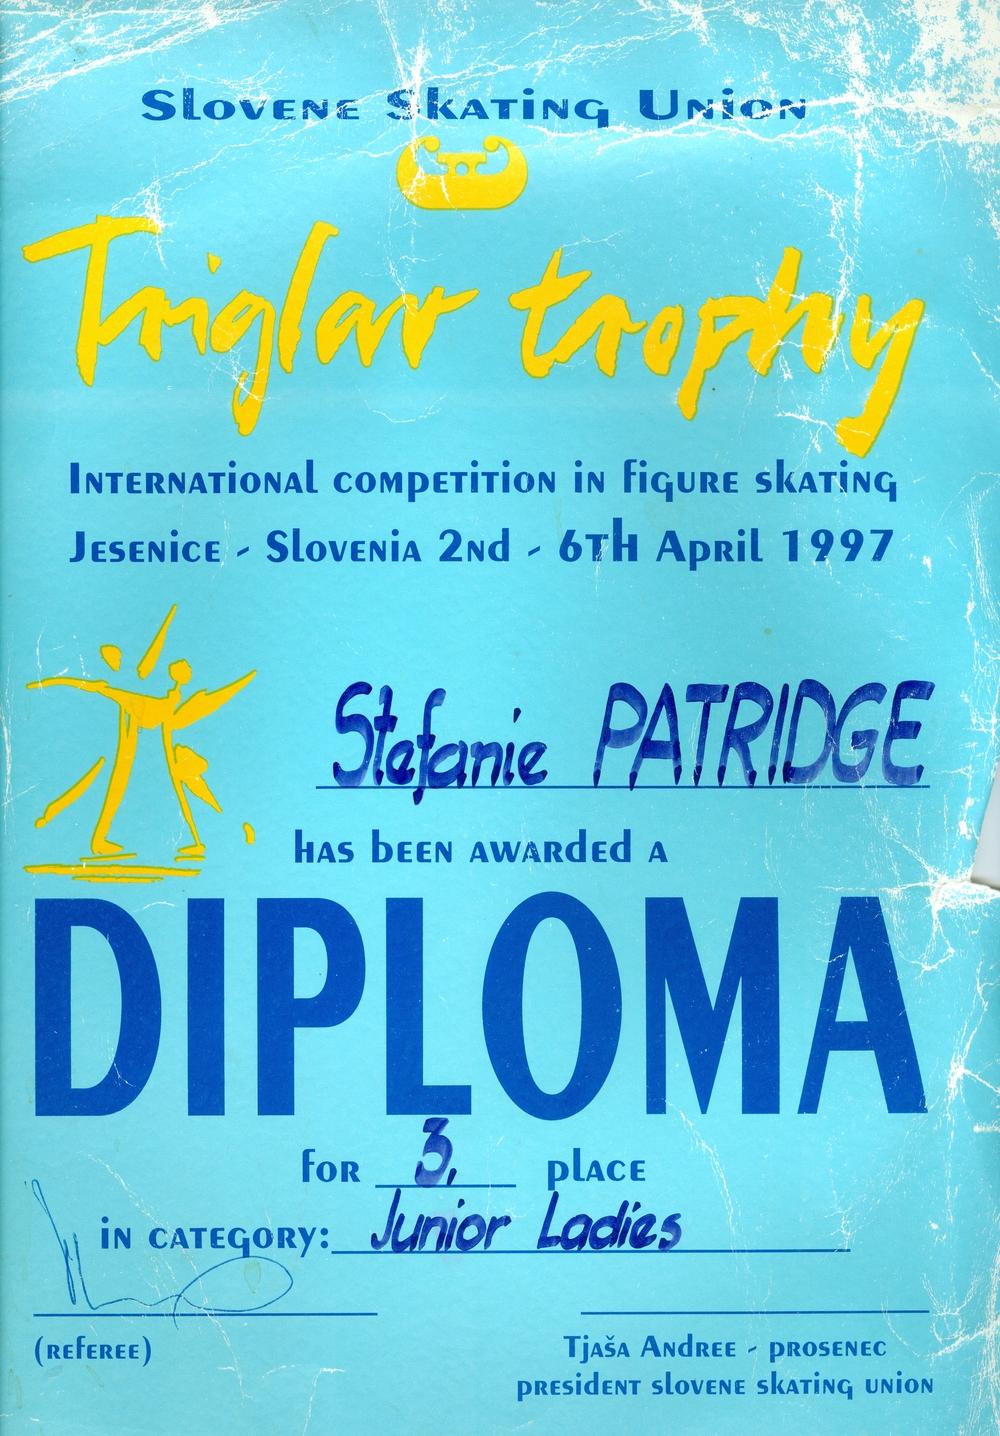 Stefanie Partridge 1997.jpg